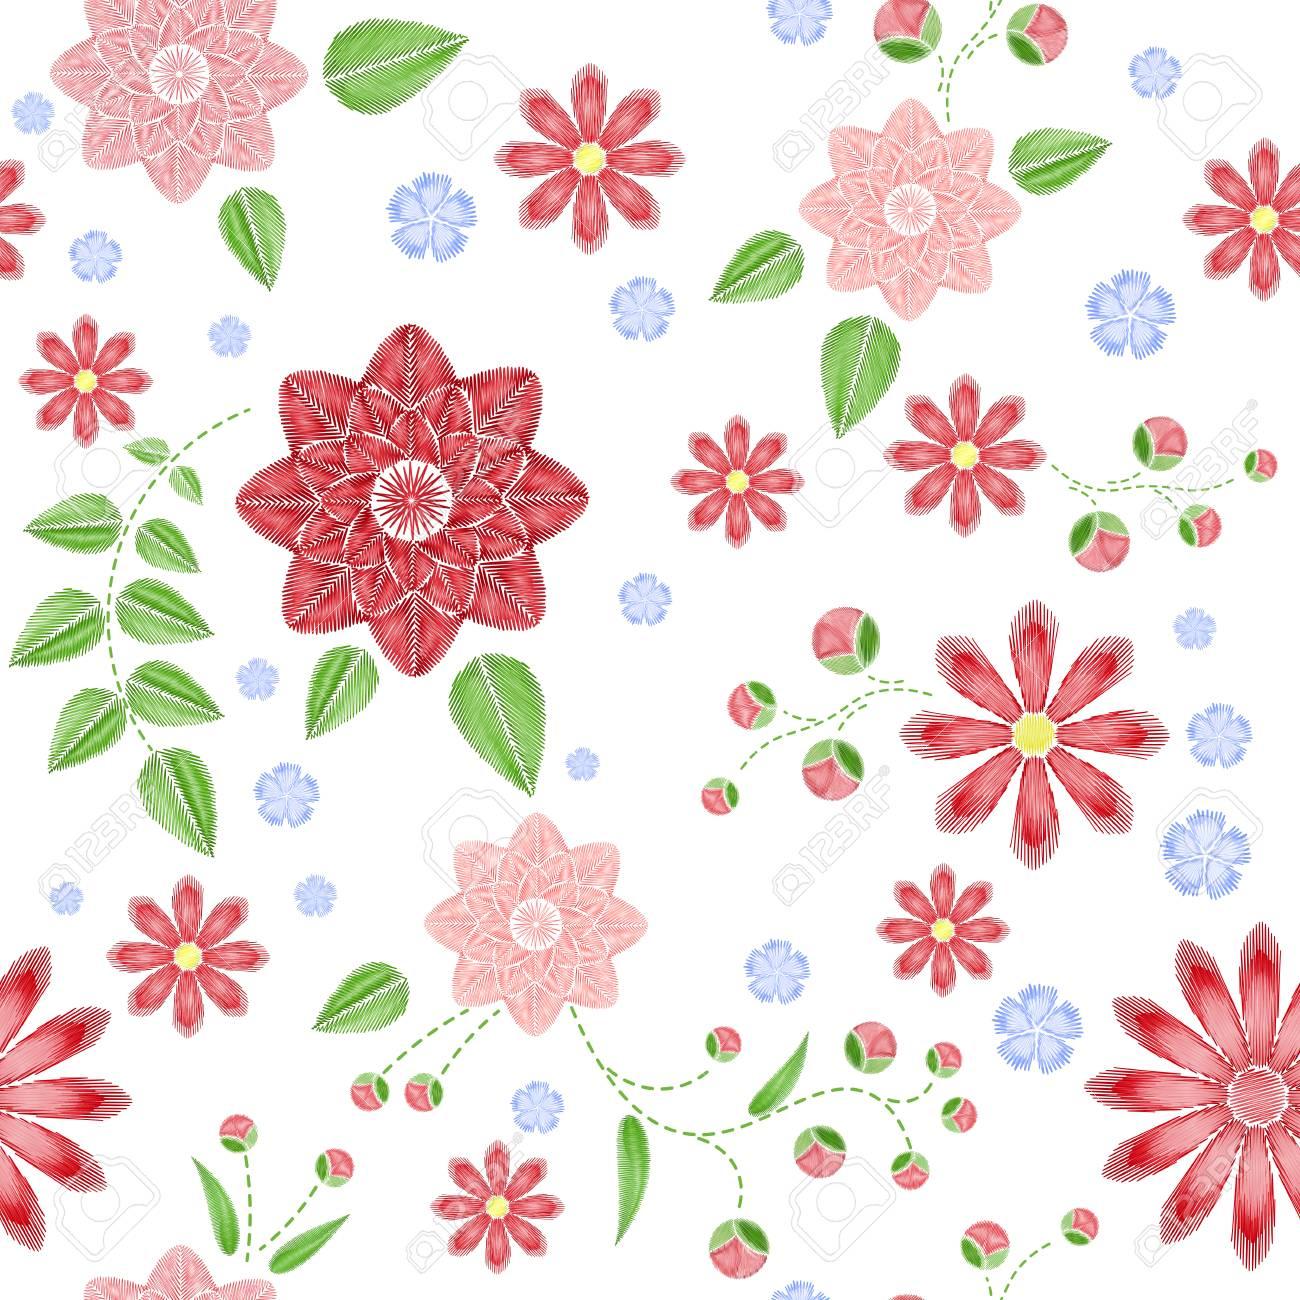 Foto de archivo - Patrón transparente de bordado con hermosas flores.  Vector ornamento floral sobre fondo negro. Bordados para textiles y tejidos  de moda. 6118c157ca6cb